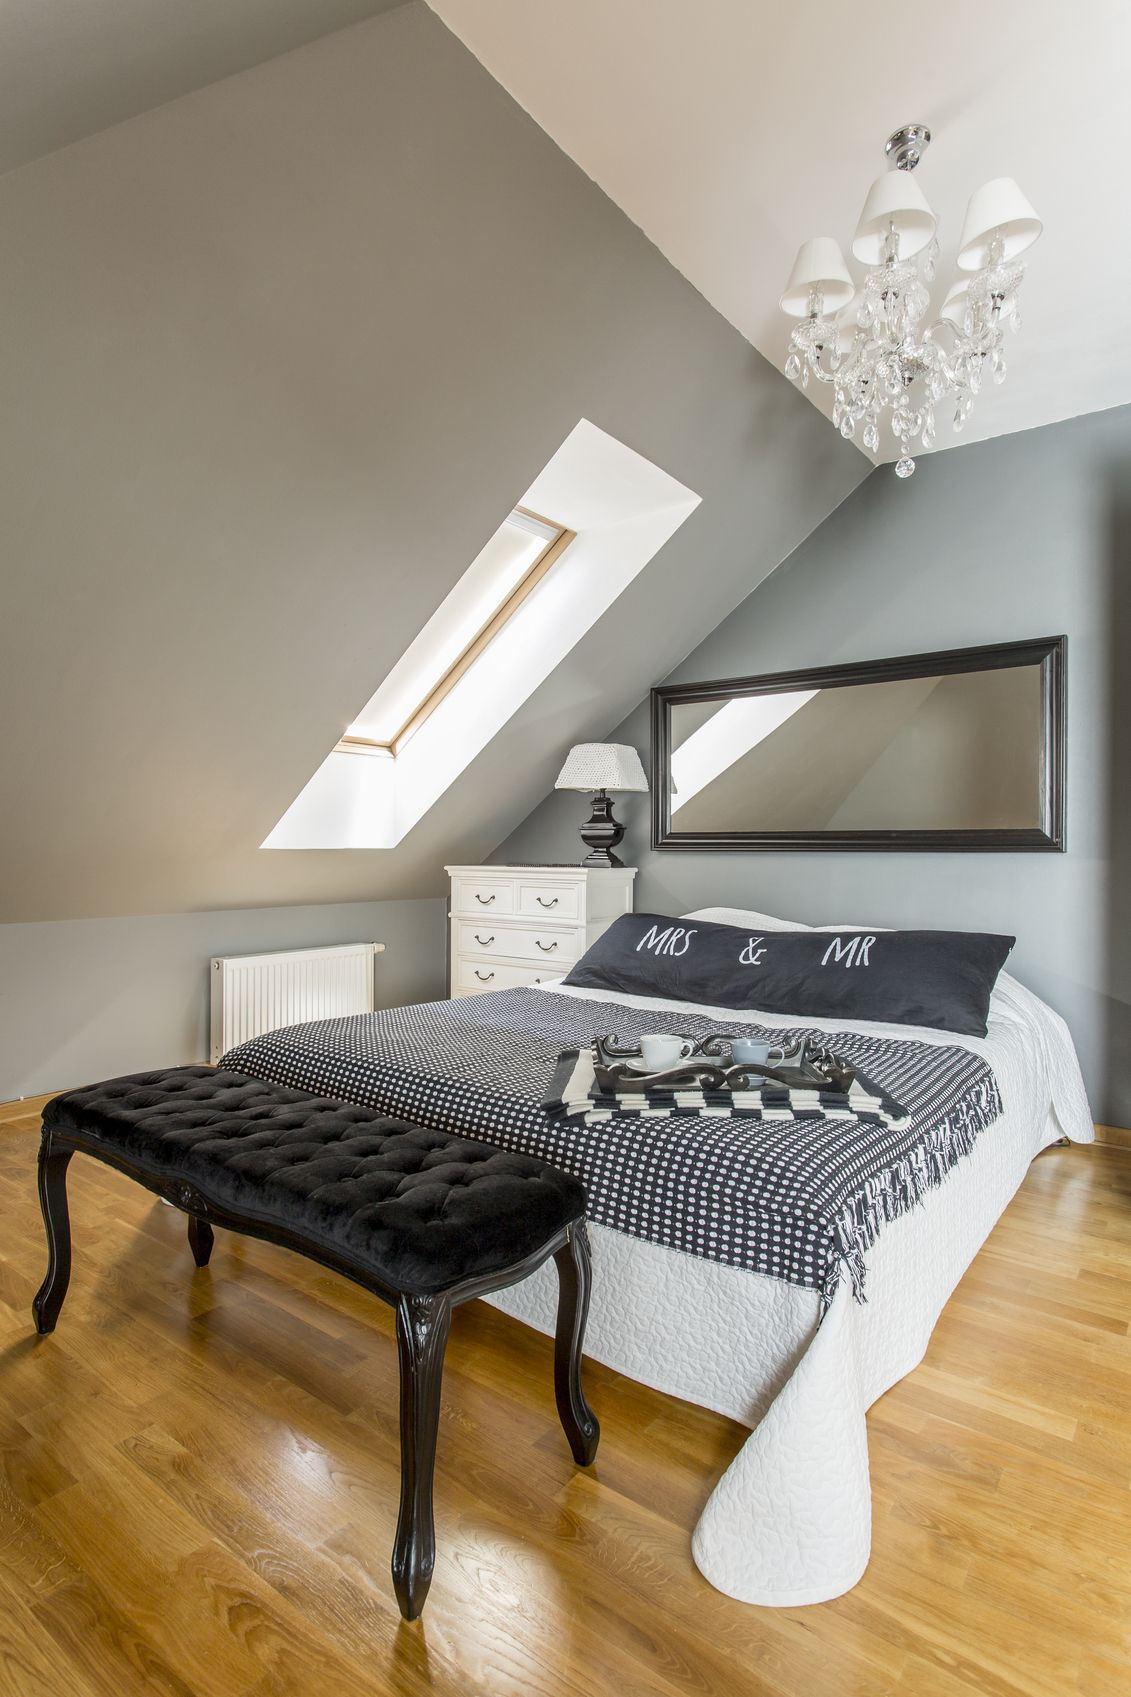 kleines schlafzimmer unterm dach einrichten | dachboden ausbauen